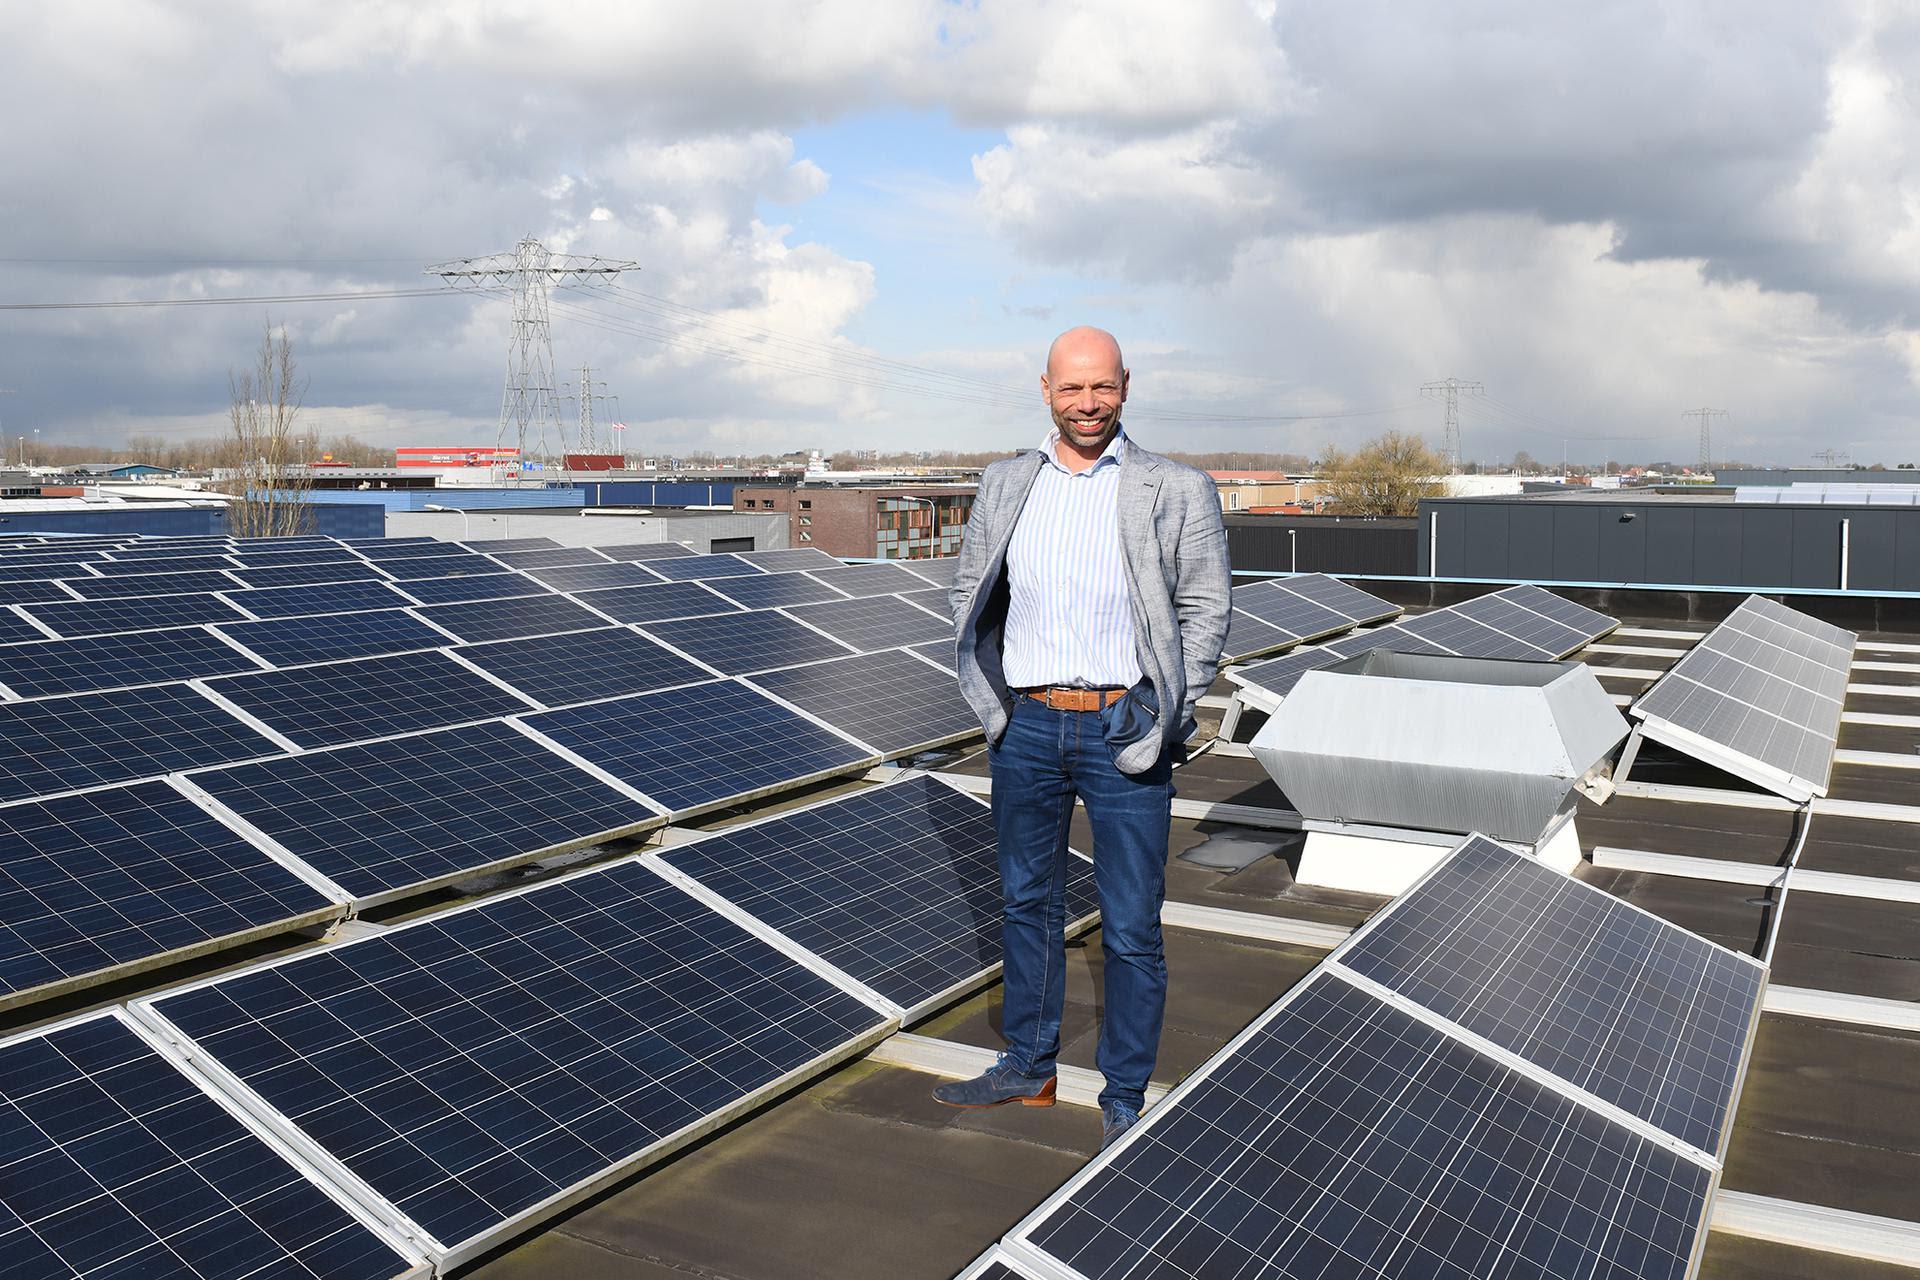 Provincie Groningen ondersteunt bedrijven met zonnepanelen op bedrijfsdaken